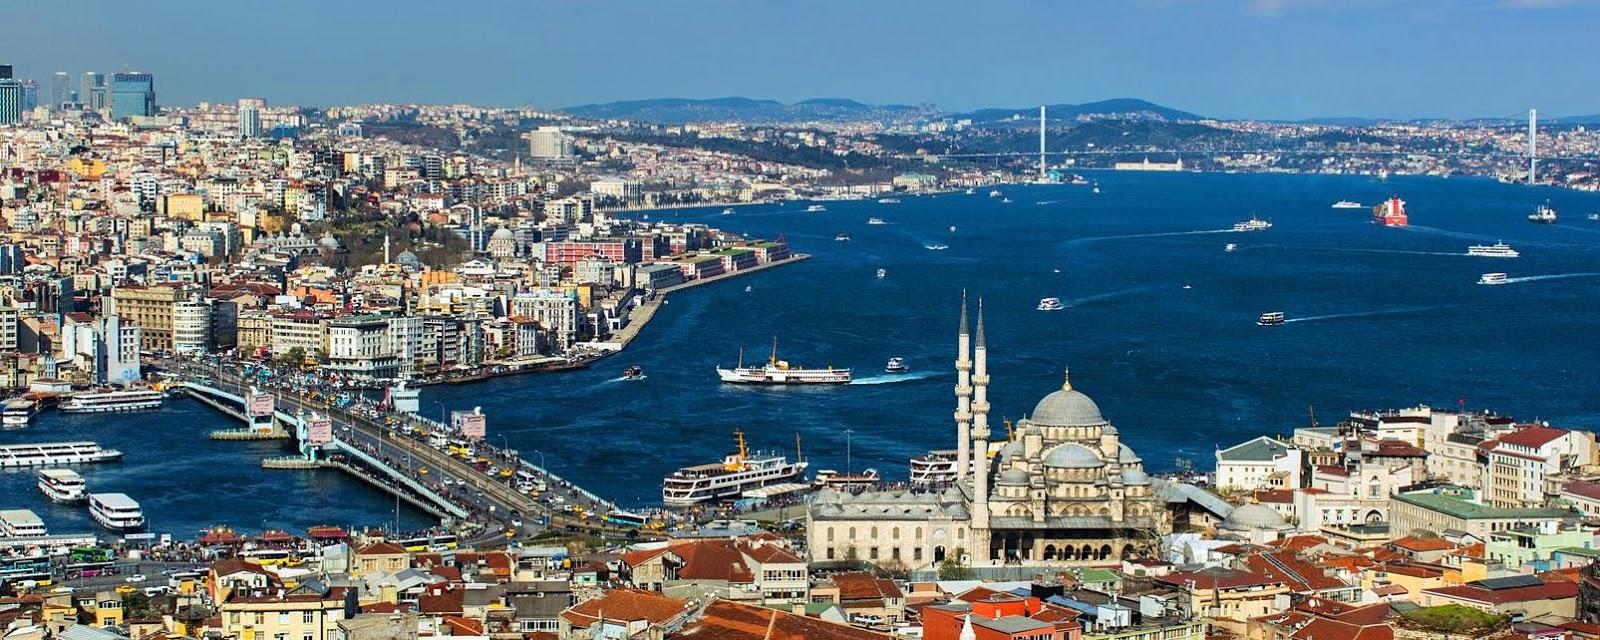 Instambul, Turchia